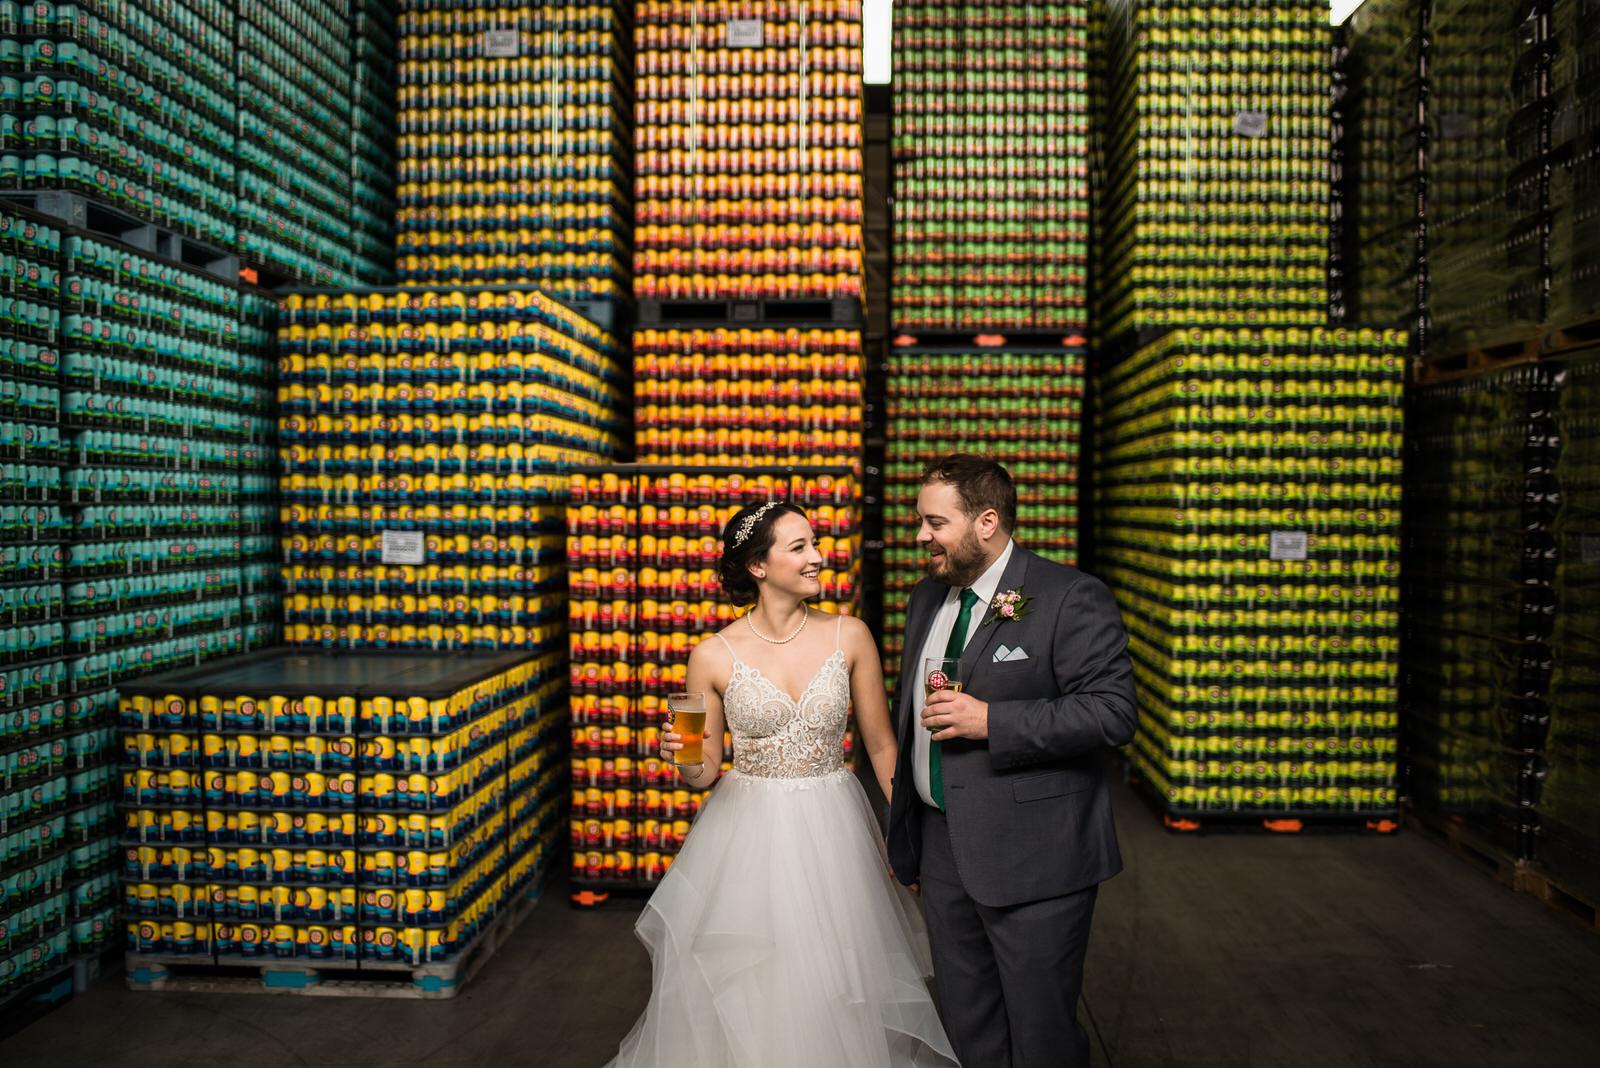 Highland-Brewing-Company-WeddingWedding-223.jpg